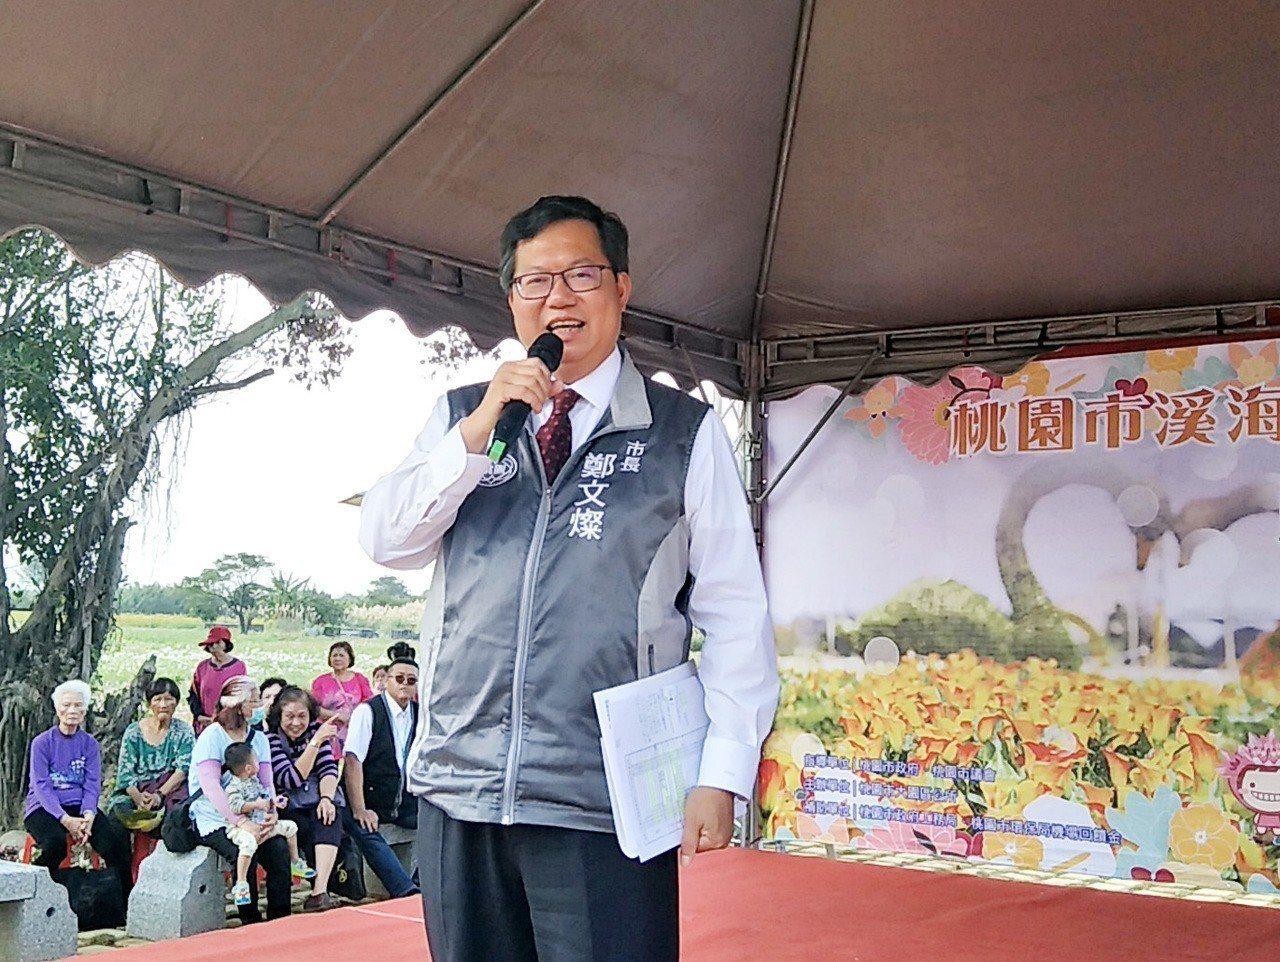 桃園市長鄭文燦公開表態挺總統蔡英文連任。記者曾增勳/攝影